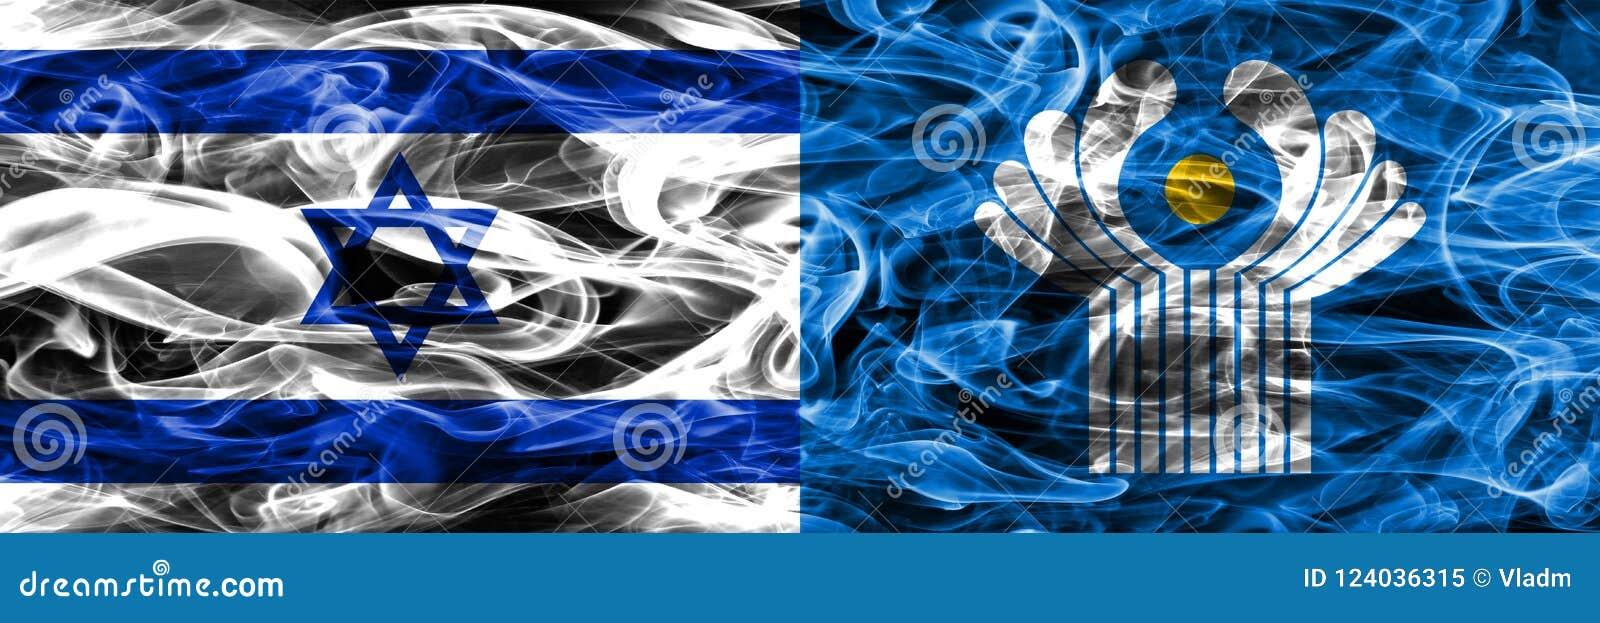 Израиль против дыма государства сигнализирует помещенную сторону - мимо - сторона израильско